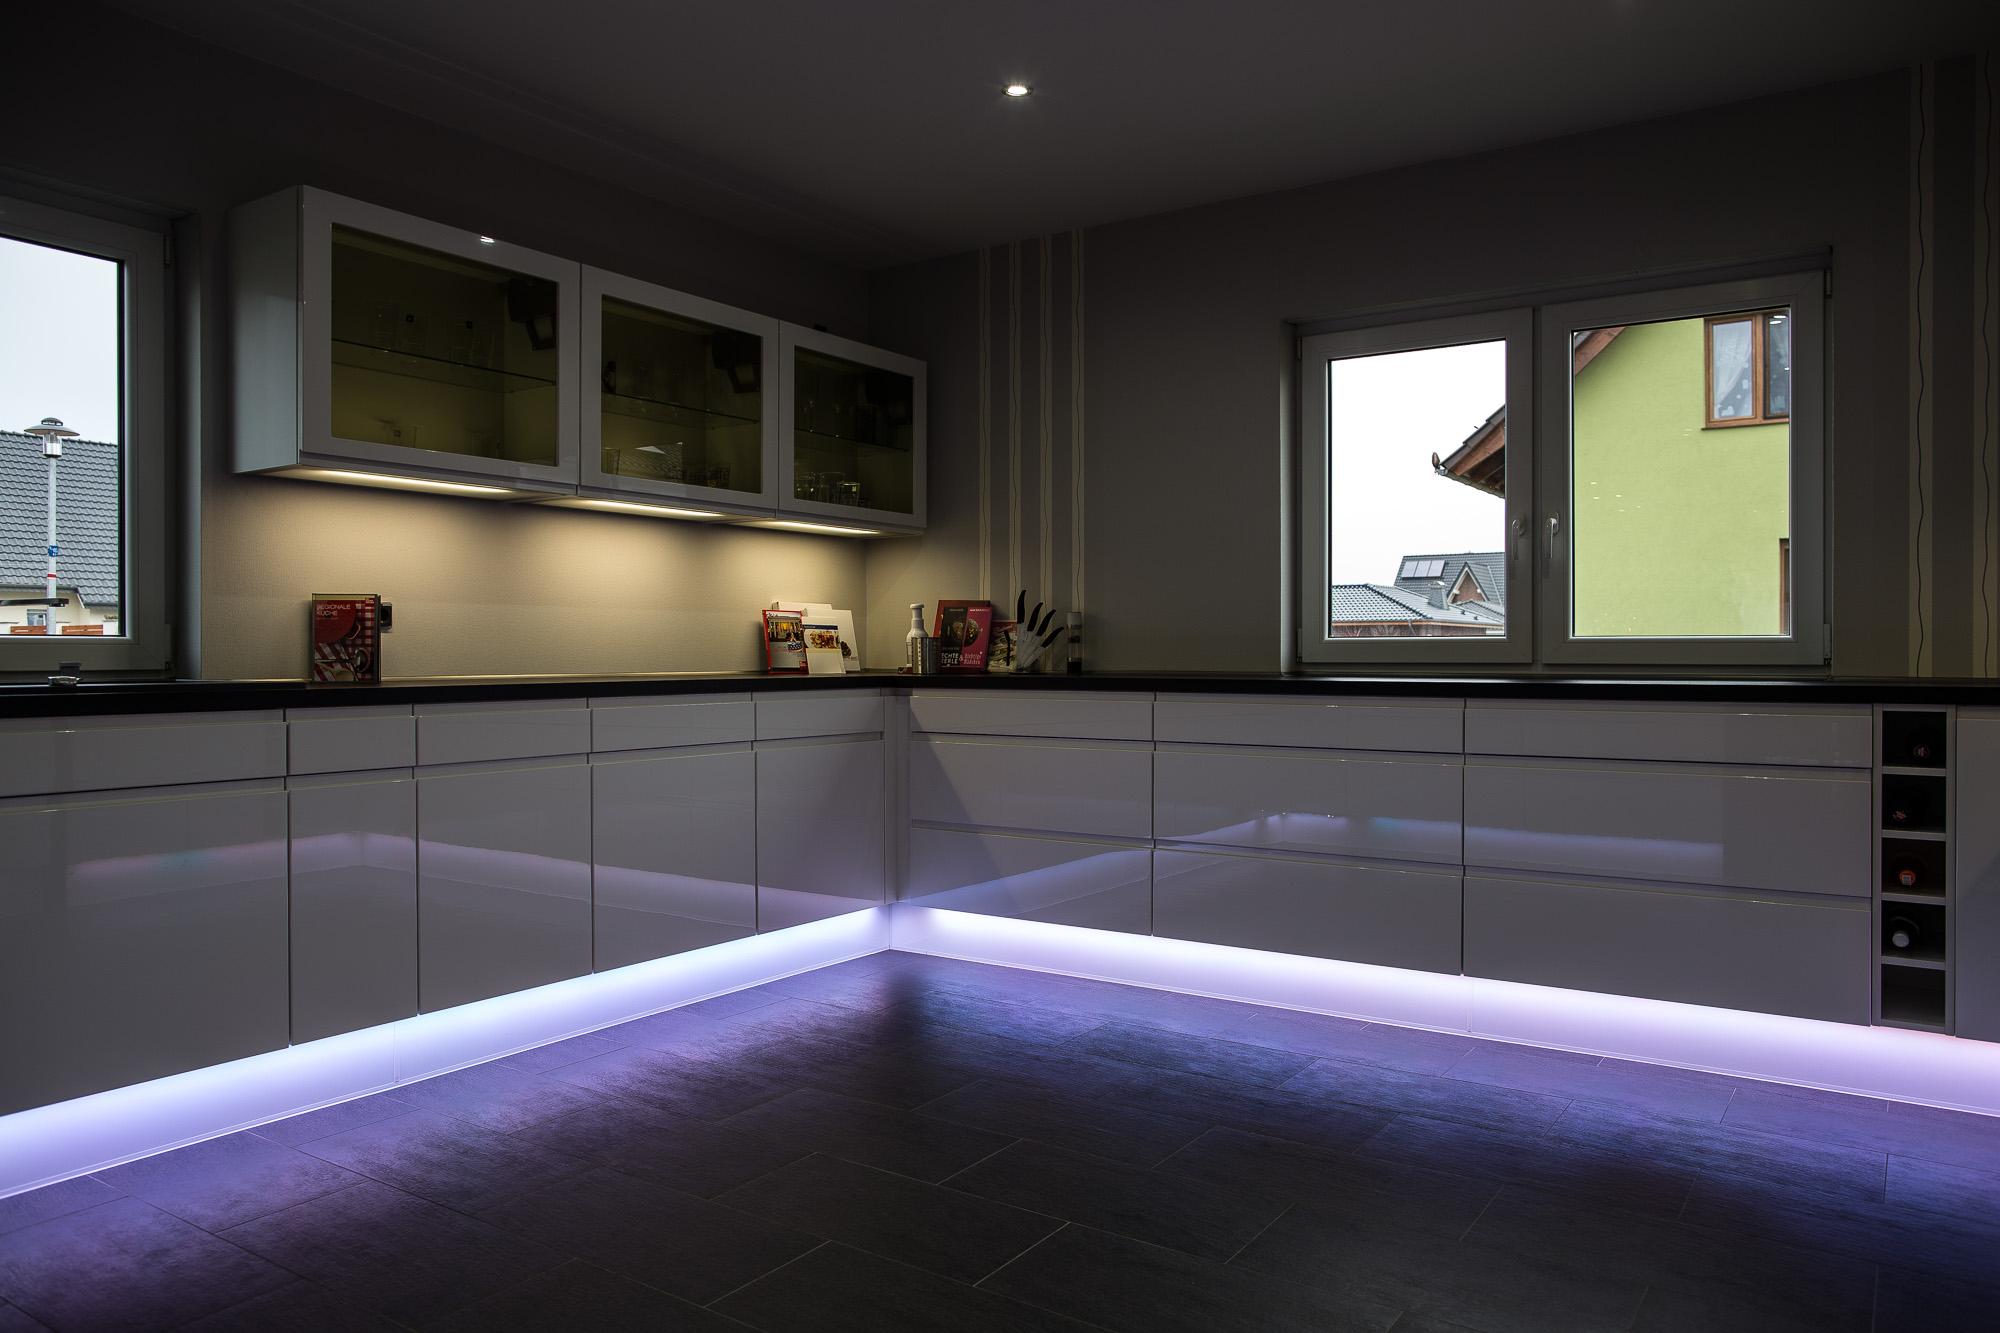 Nobilia-Küche mit exklusiver Ambiente-Beleuchtung - Das